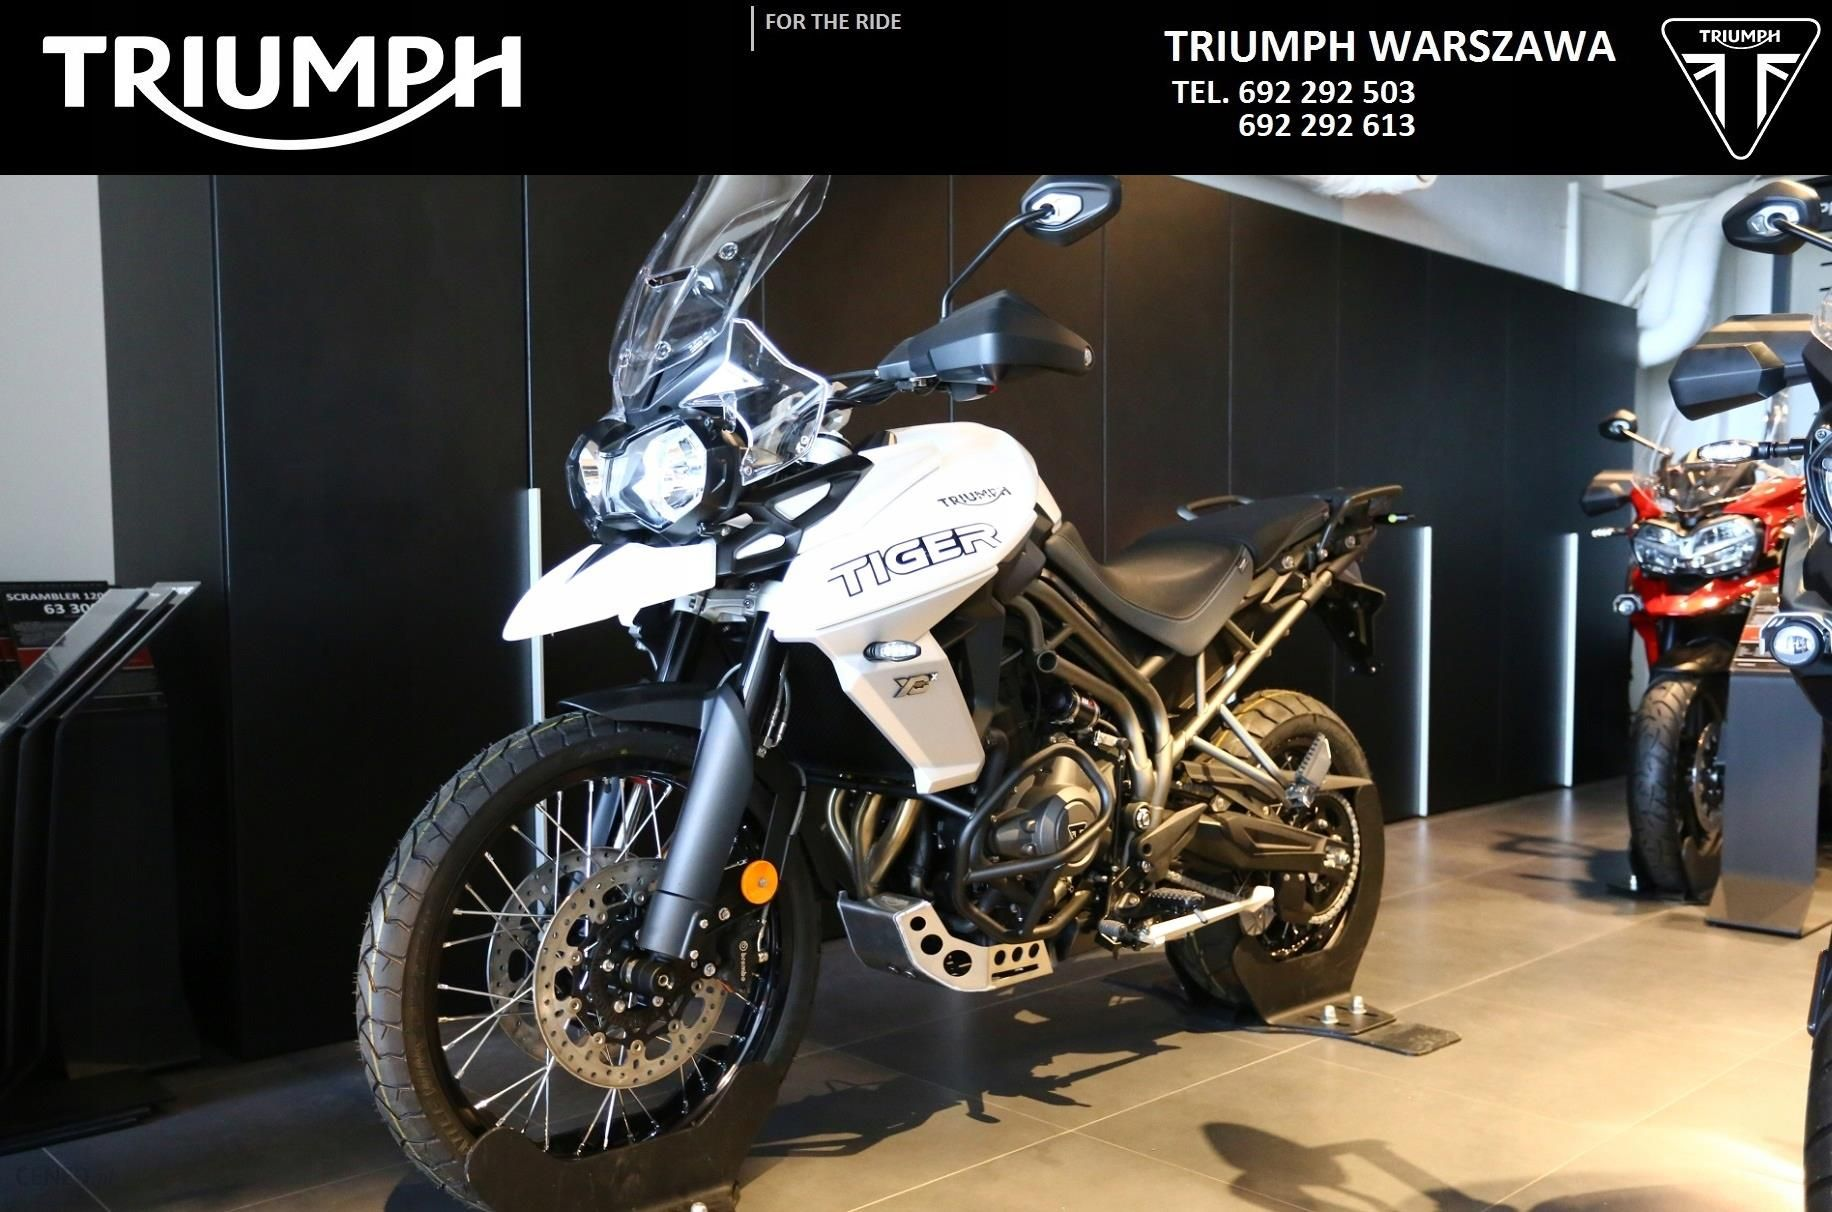 Triumph Tiger 800 Xcx 2018 Promocja Opinie I Ceny Na Ceneo Pl